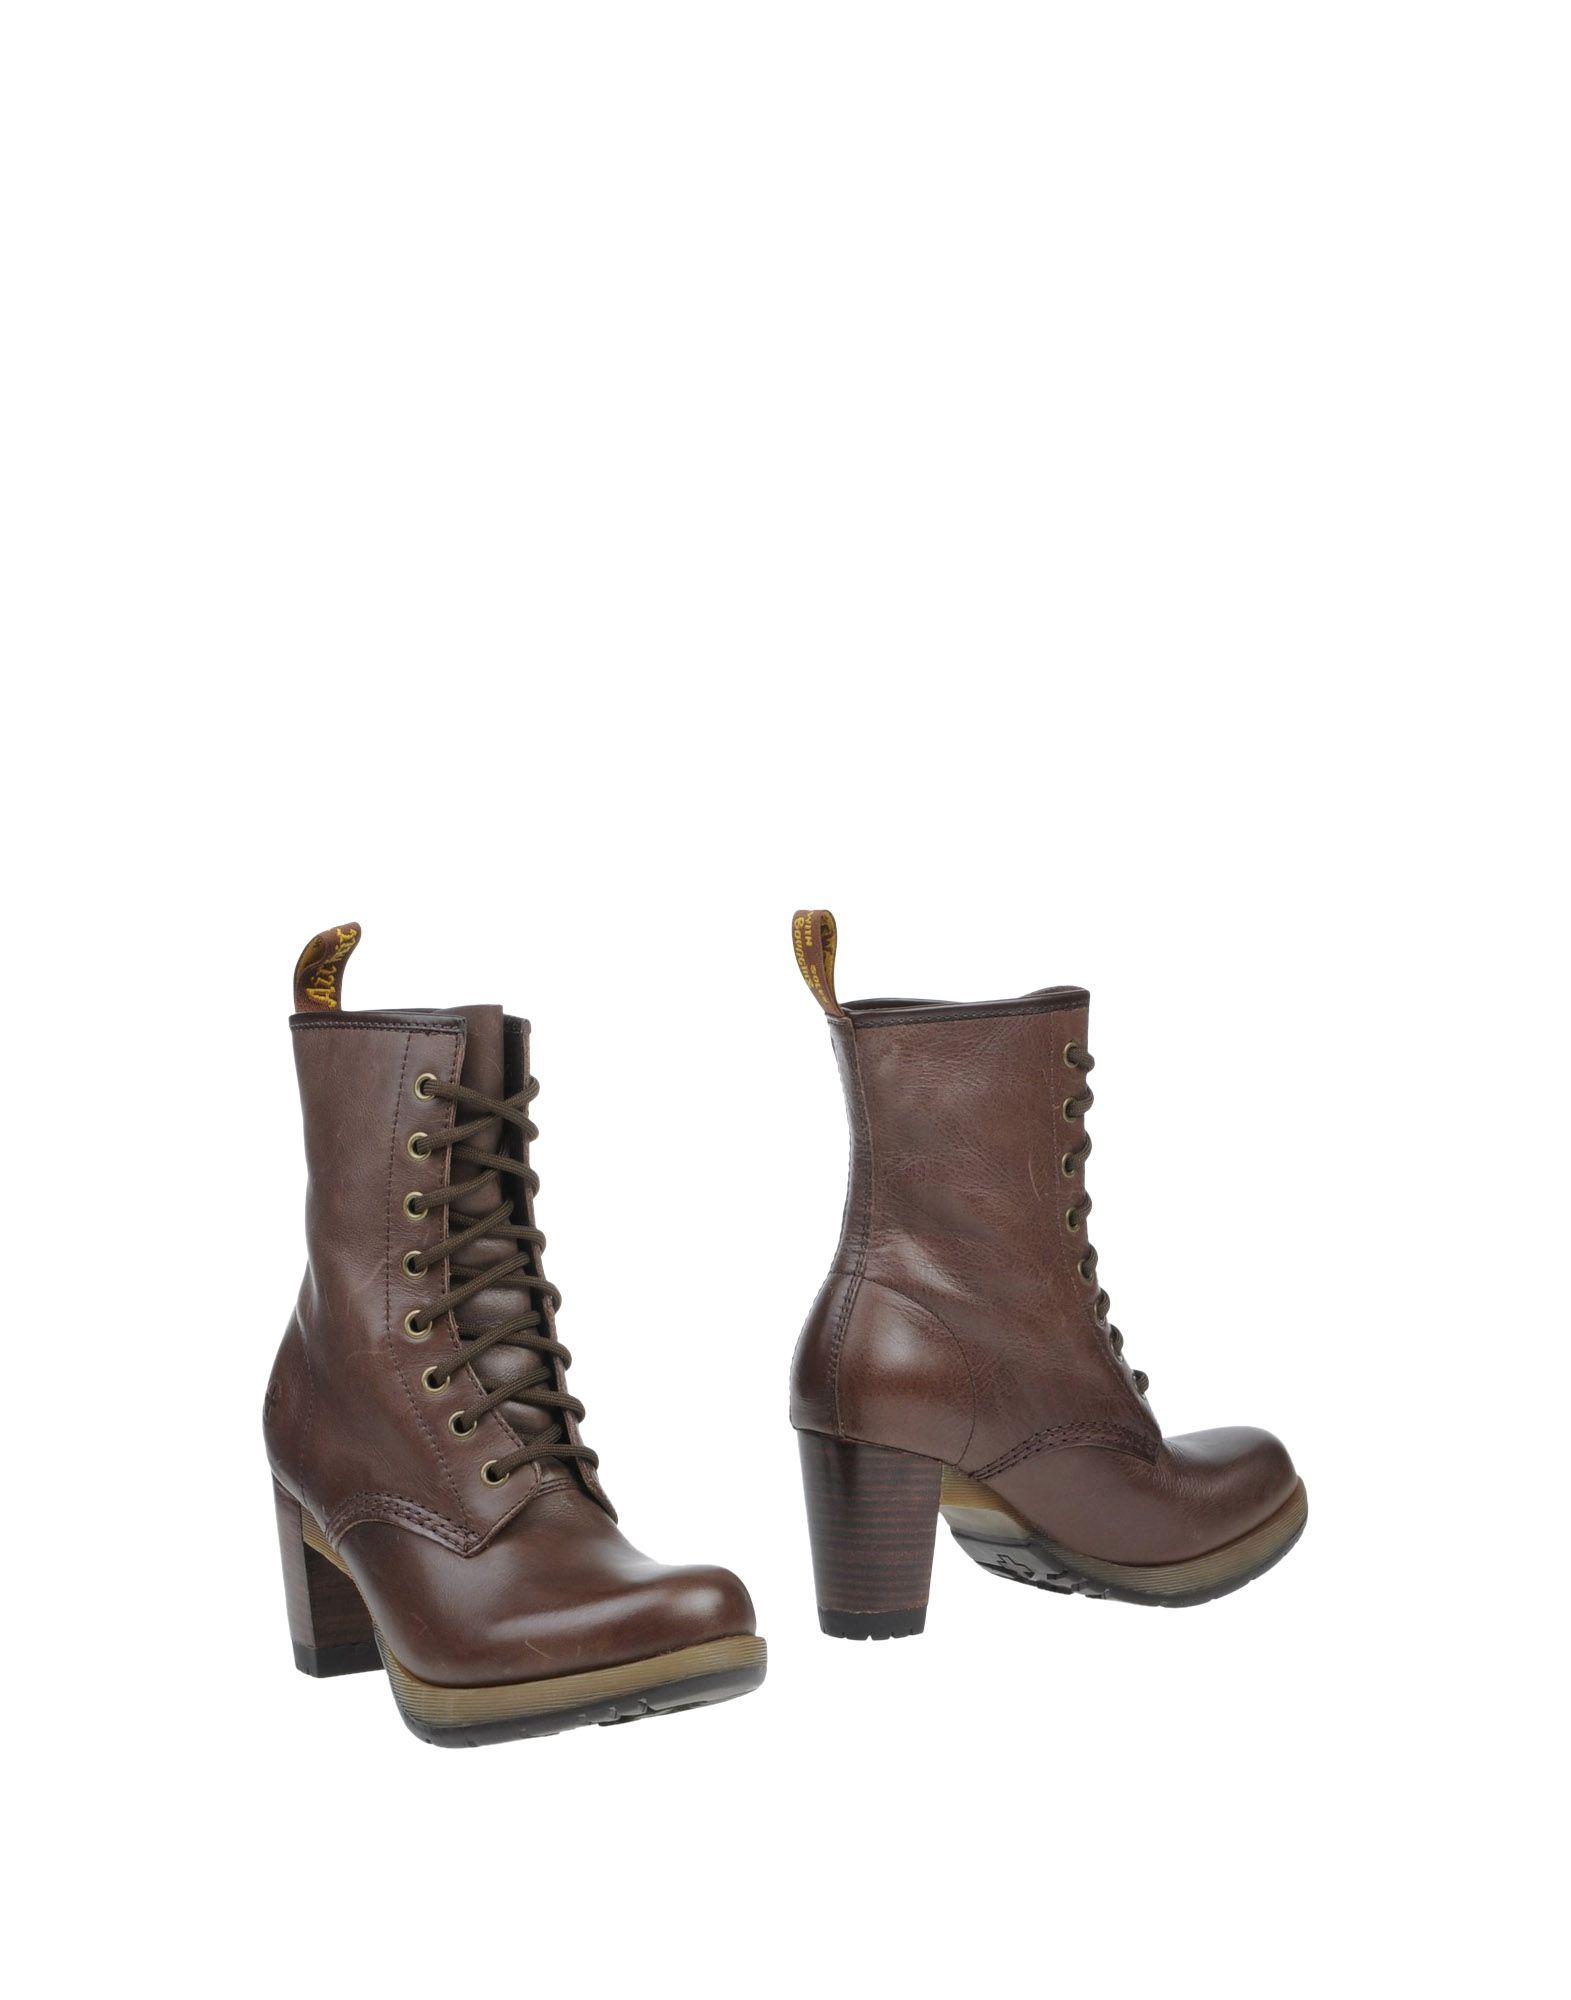 DR. MARTENS Полусапоги и высокие ботинки туфли dr martens 888 dr martens 2015 leonie 16533110 16533001